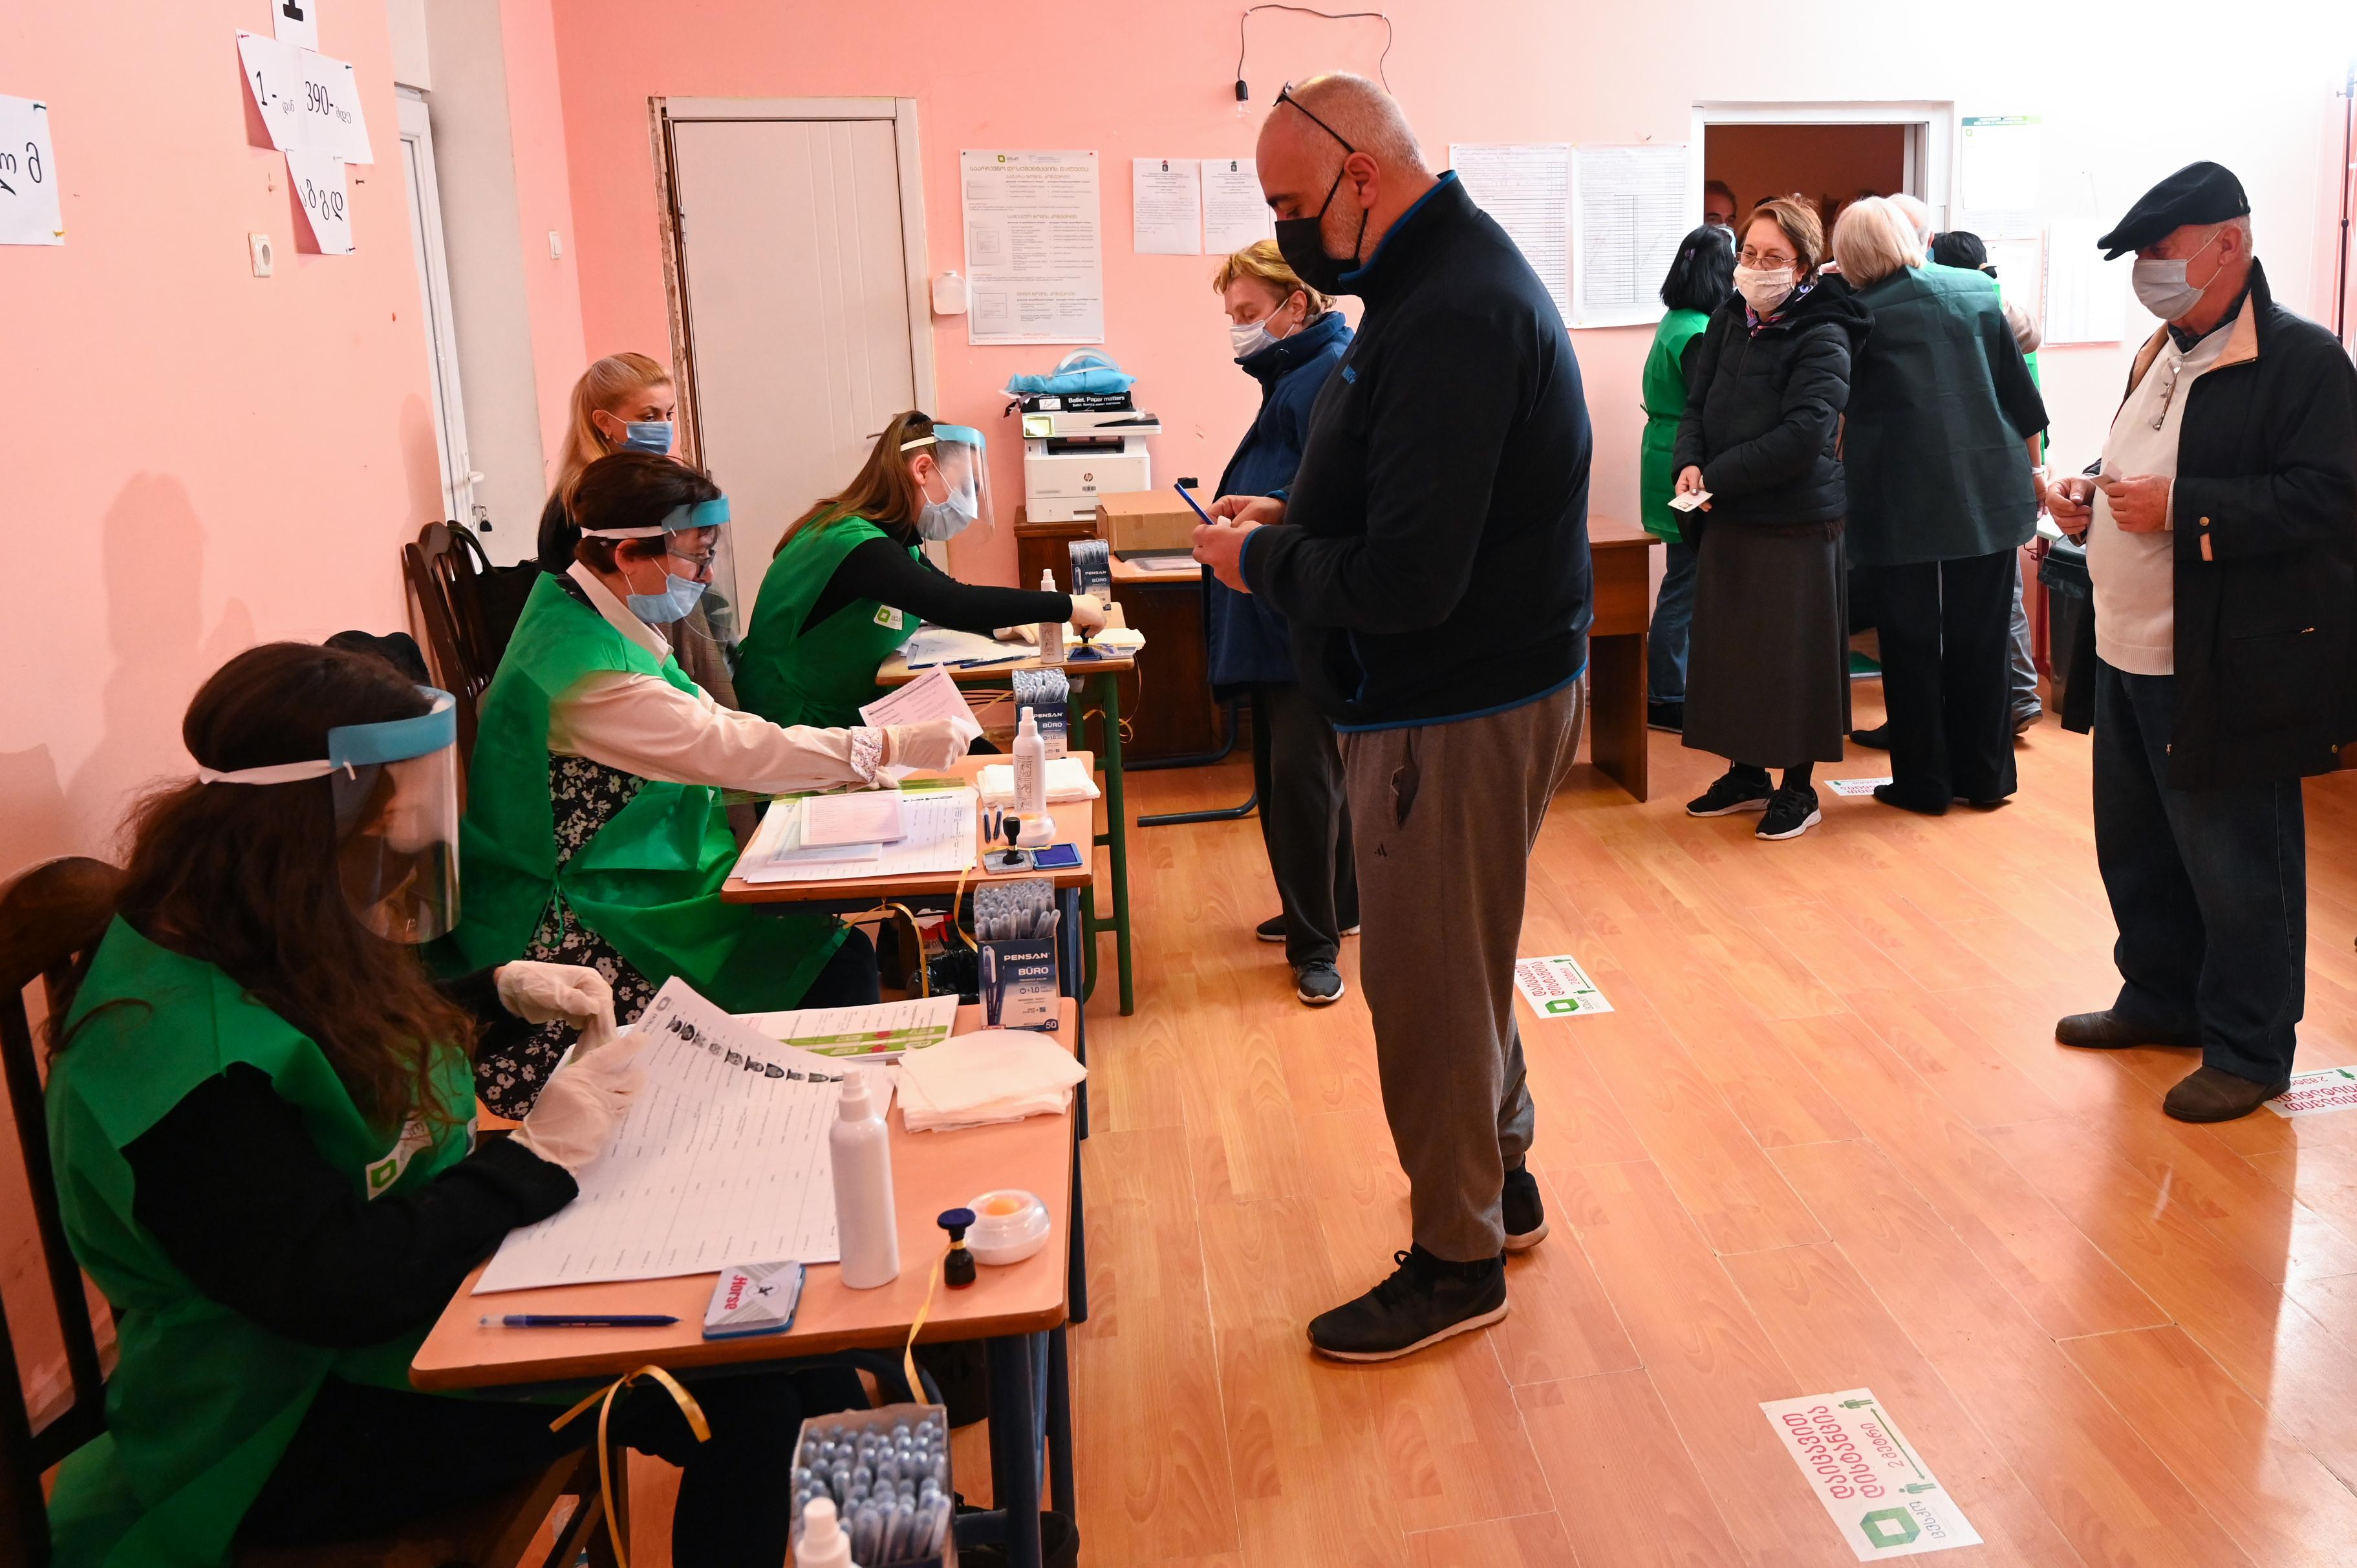 أميركيون يدلون بأصواتهم مبكرا في الانتخابات في جورجيا